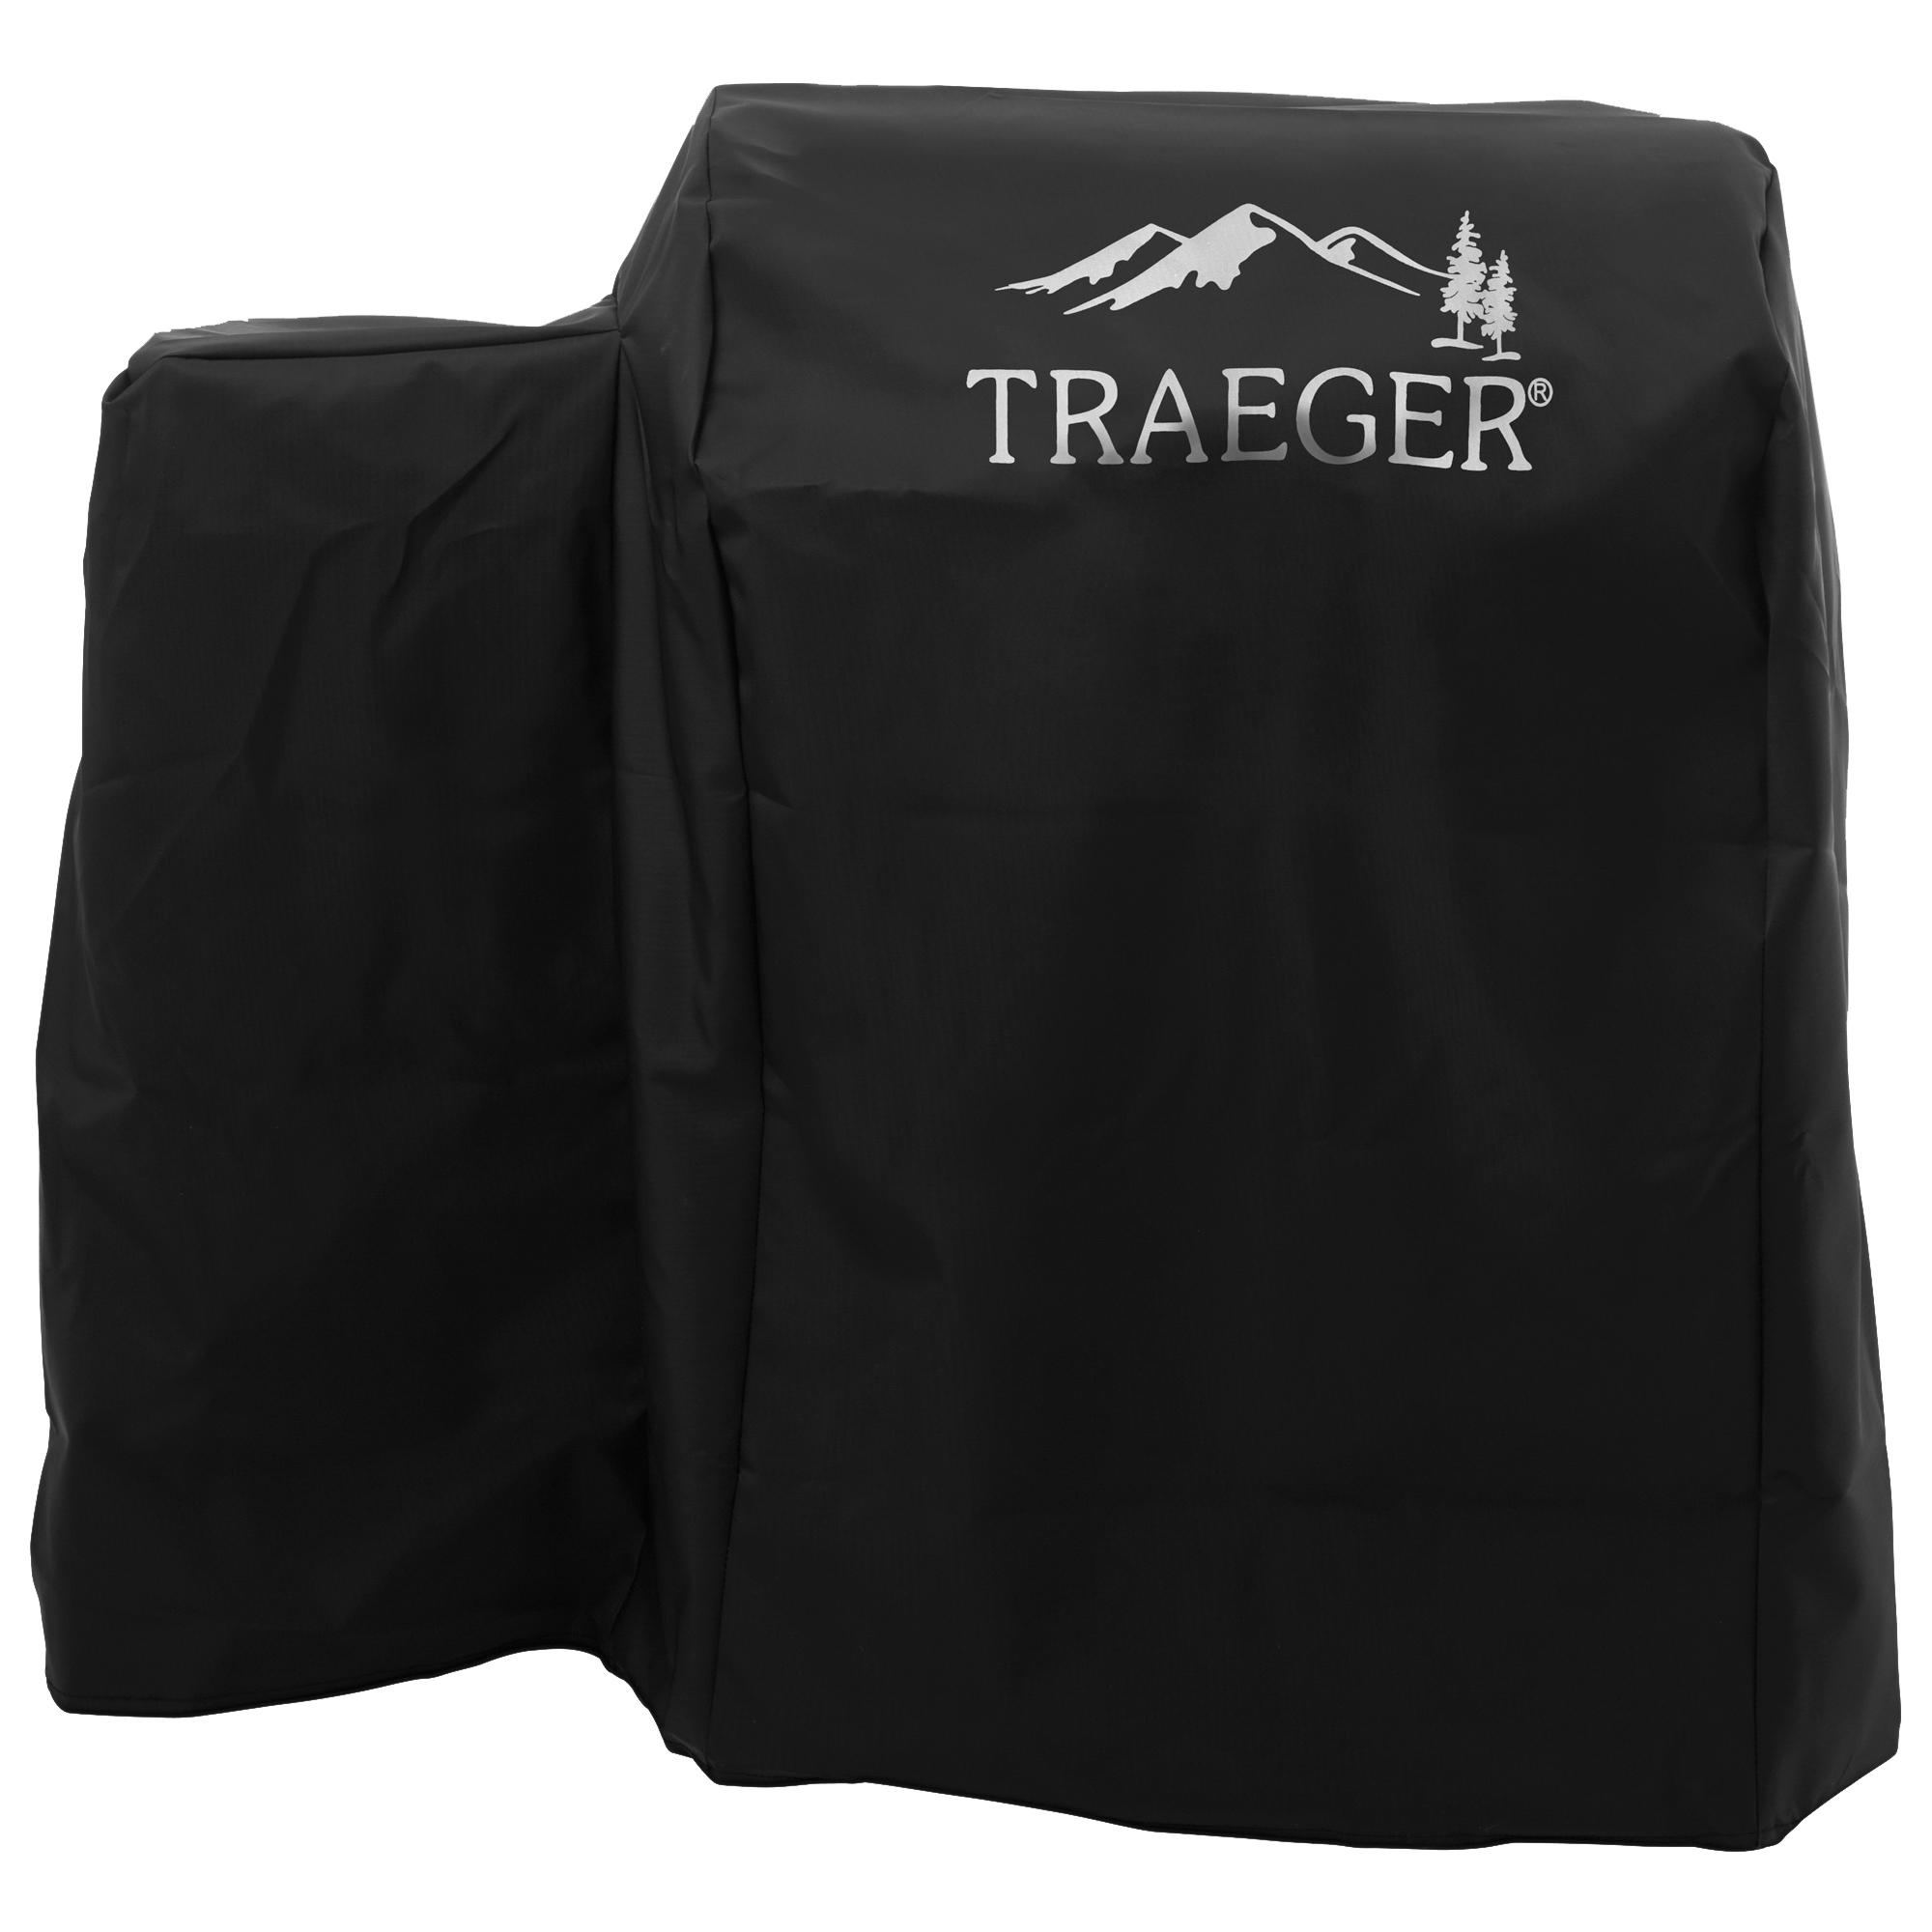 Traeger BAC374